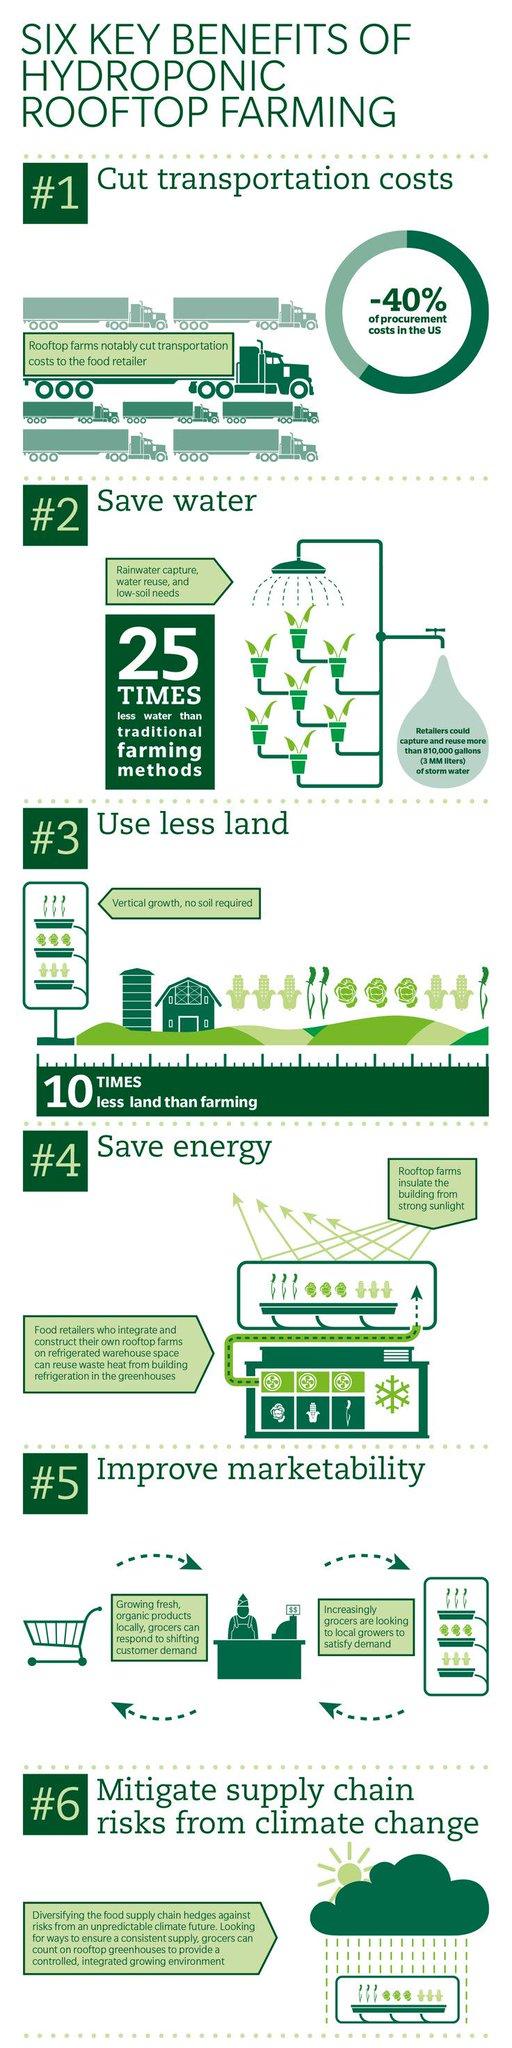 Wat zijn de 6 belangrijkste voordelen van #stadslandbouw op daken? @Thuis_inde_Stad @VitaleGroenStad #daklandbouw http://t.co/5EX5JNyro9